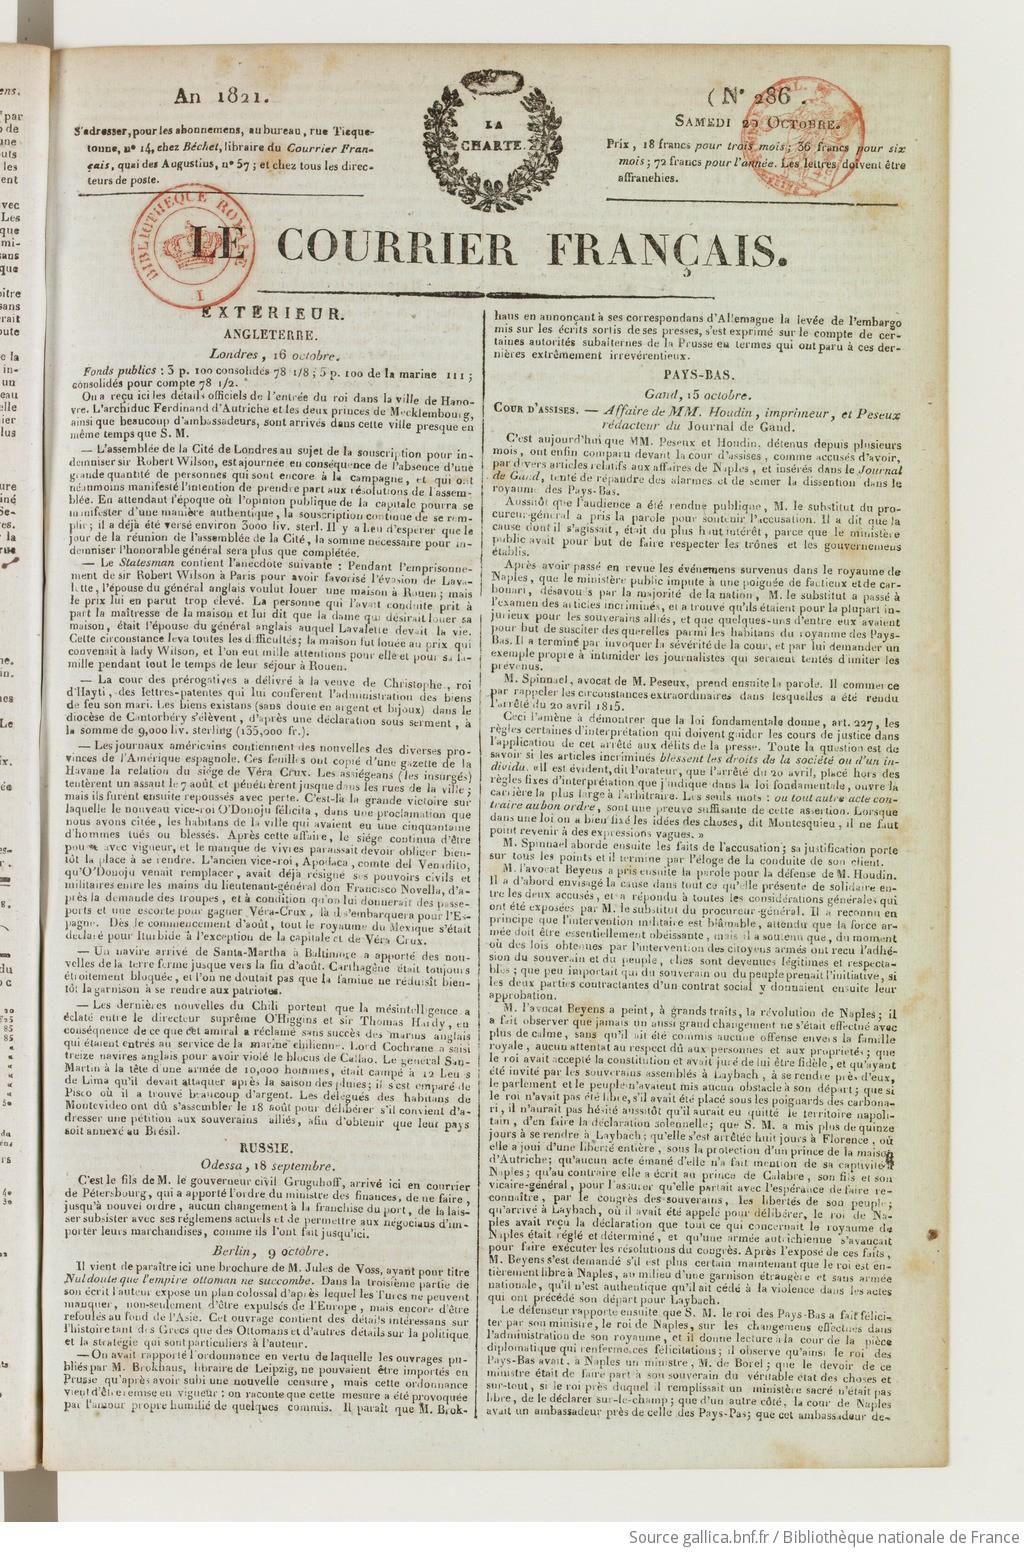 Le Courrier 1821 10 20 Gallica